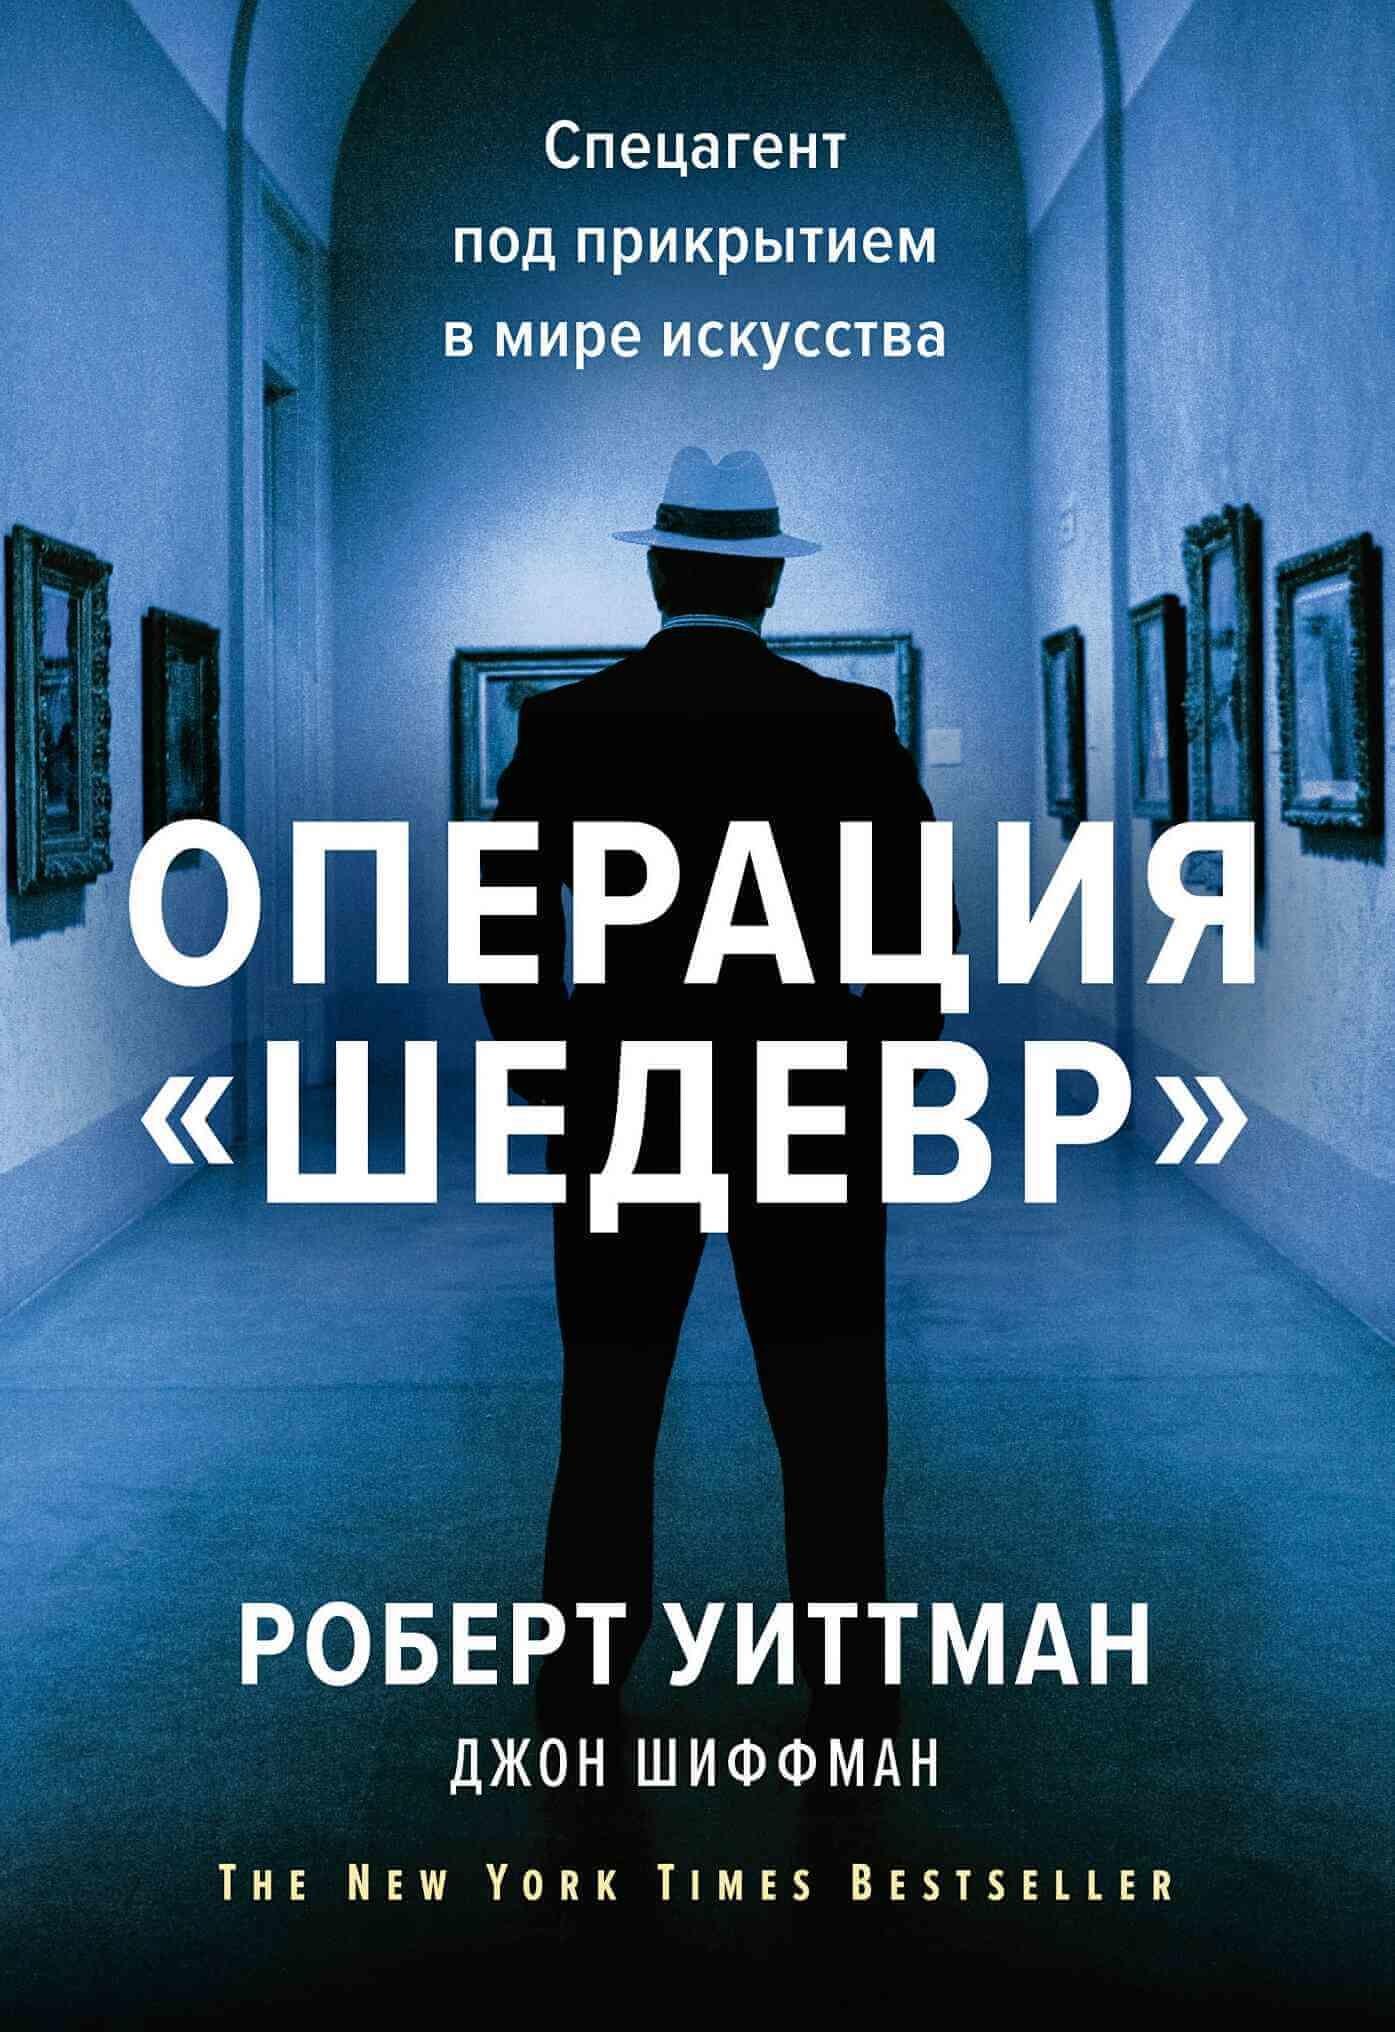 Операция «Шедевр». Автор — Роберт Уиттман, Джон Шиффман. Переплет —